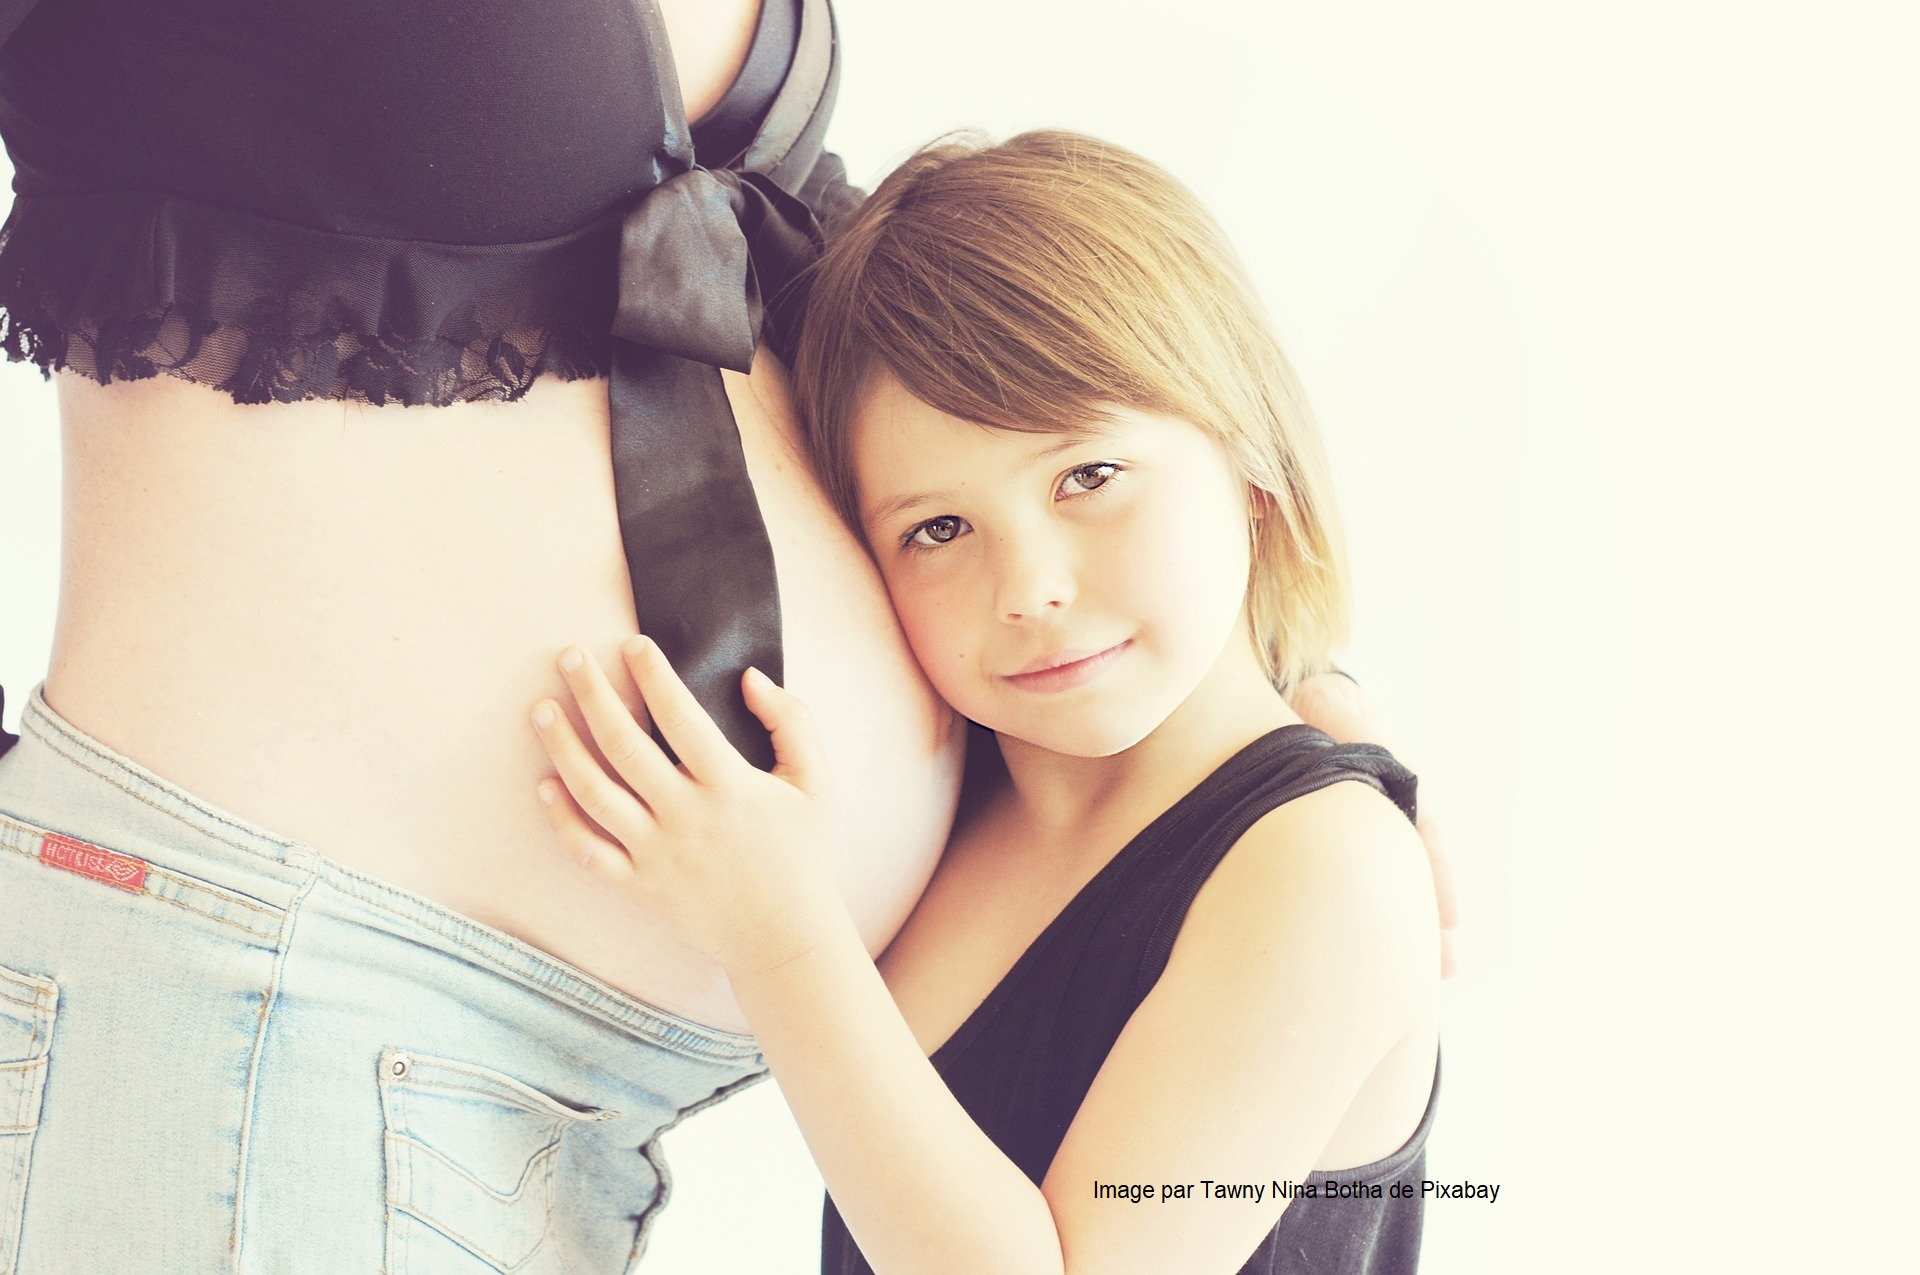 LETTRE A TOUTES LES FEMMES ENCEINTES OU SUSCEPTIBLES DE L'ETRE, LETTRE A TOUS LES PARENTS ET FUTURS PARENTS